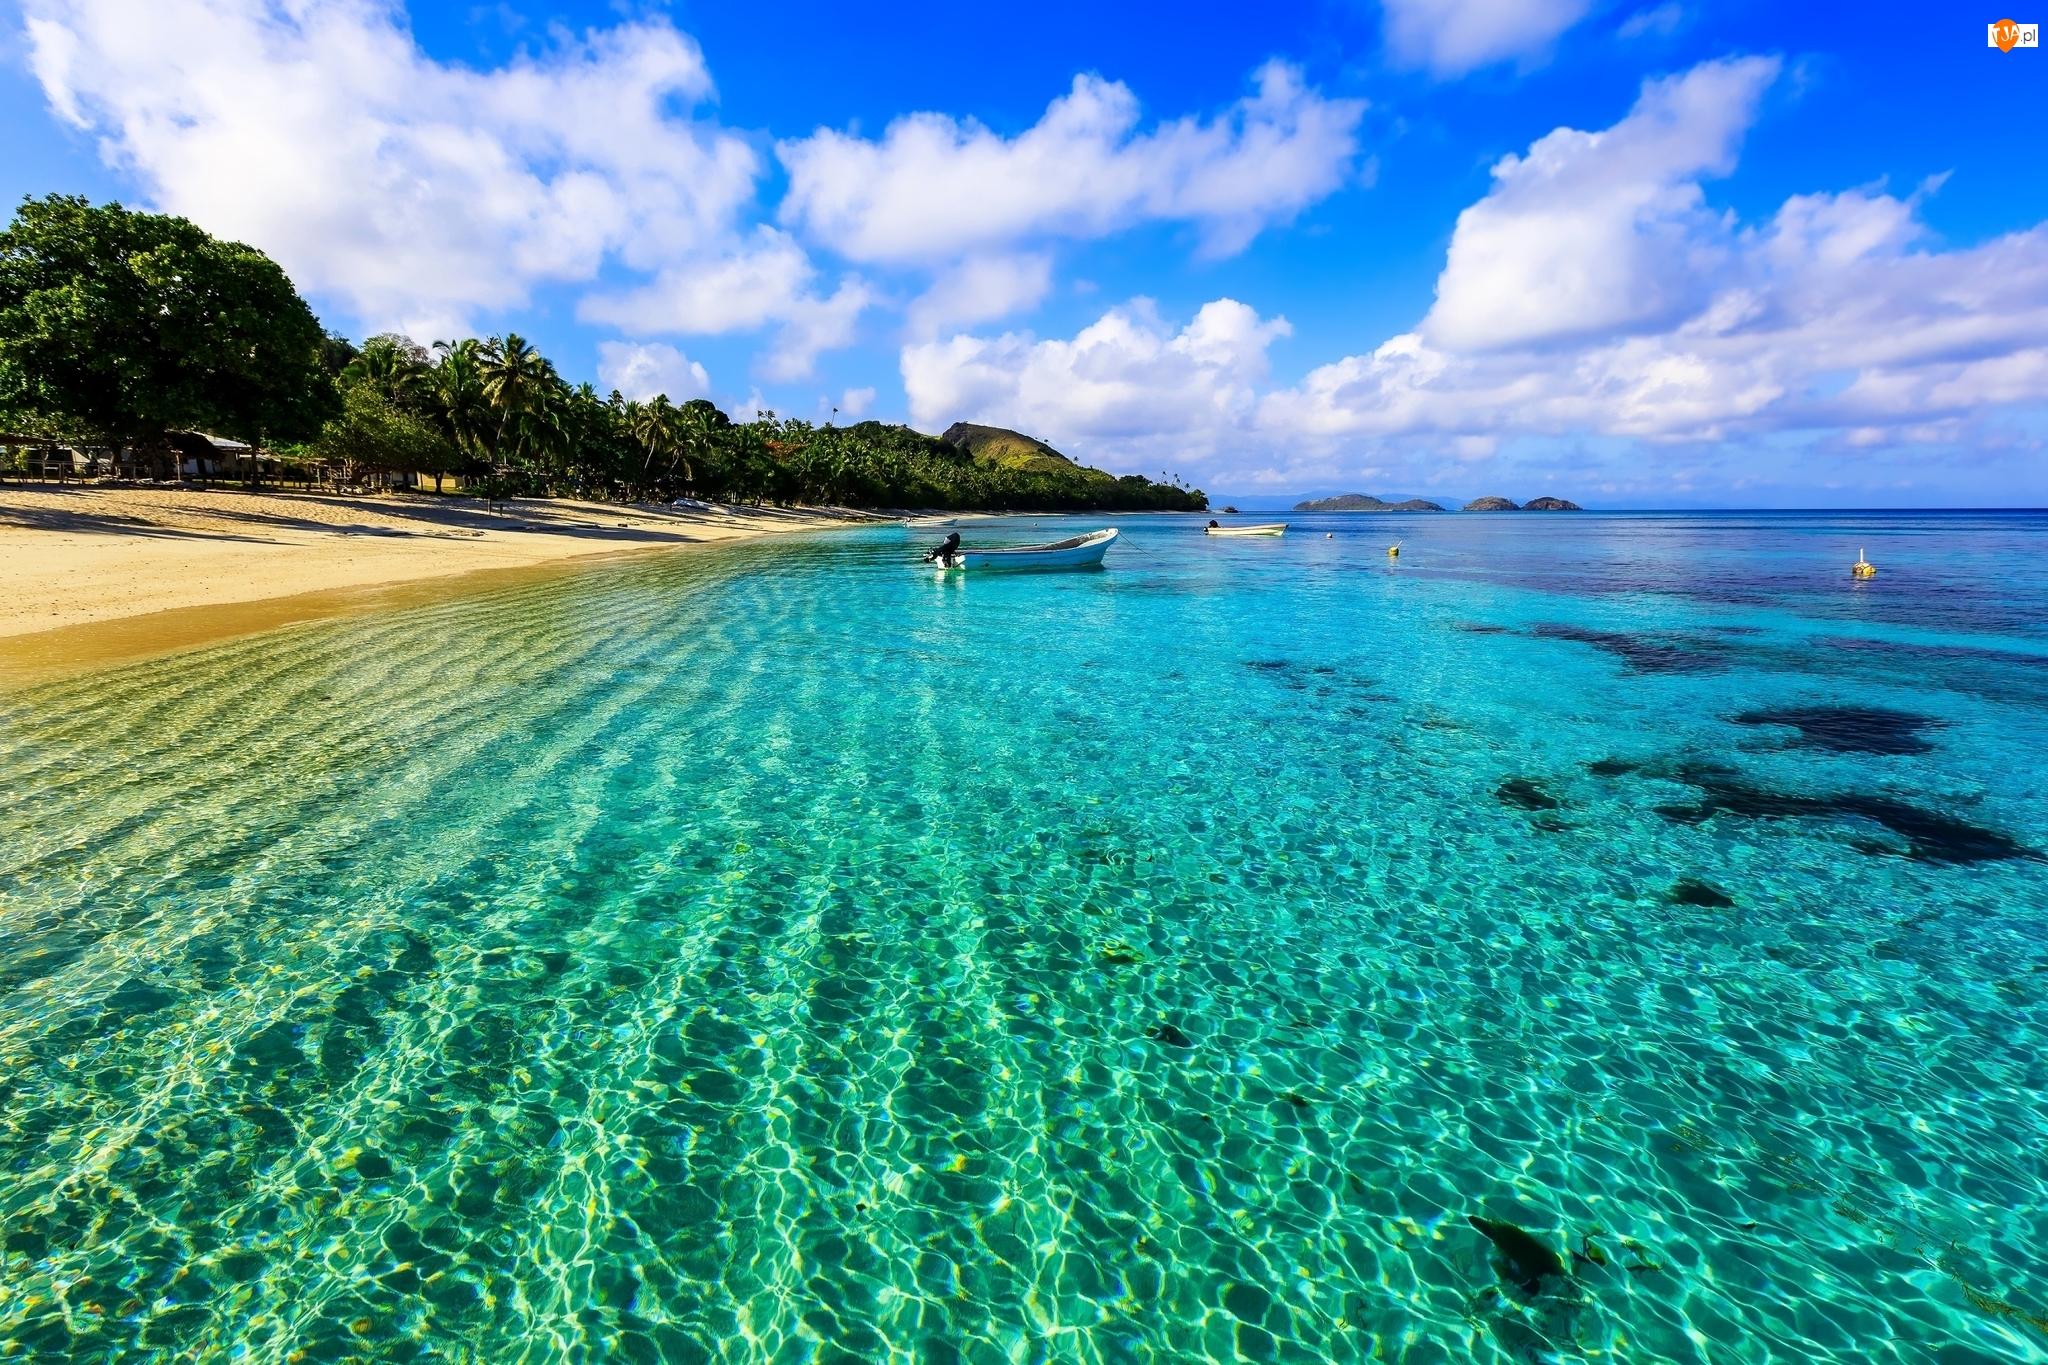 Wybrzeże, Morze, Łódki, Fidżi, Plaża, Wyspa Dravuni